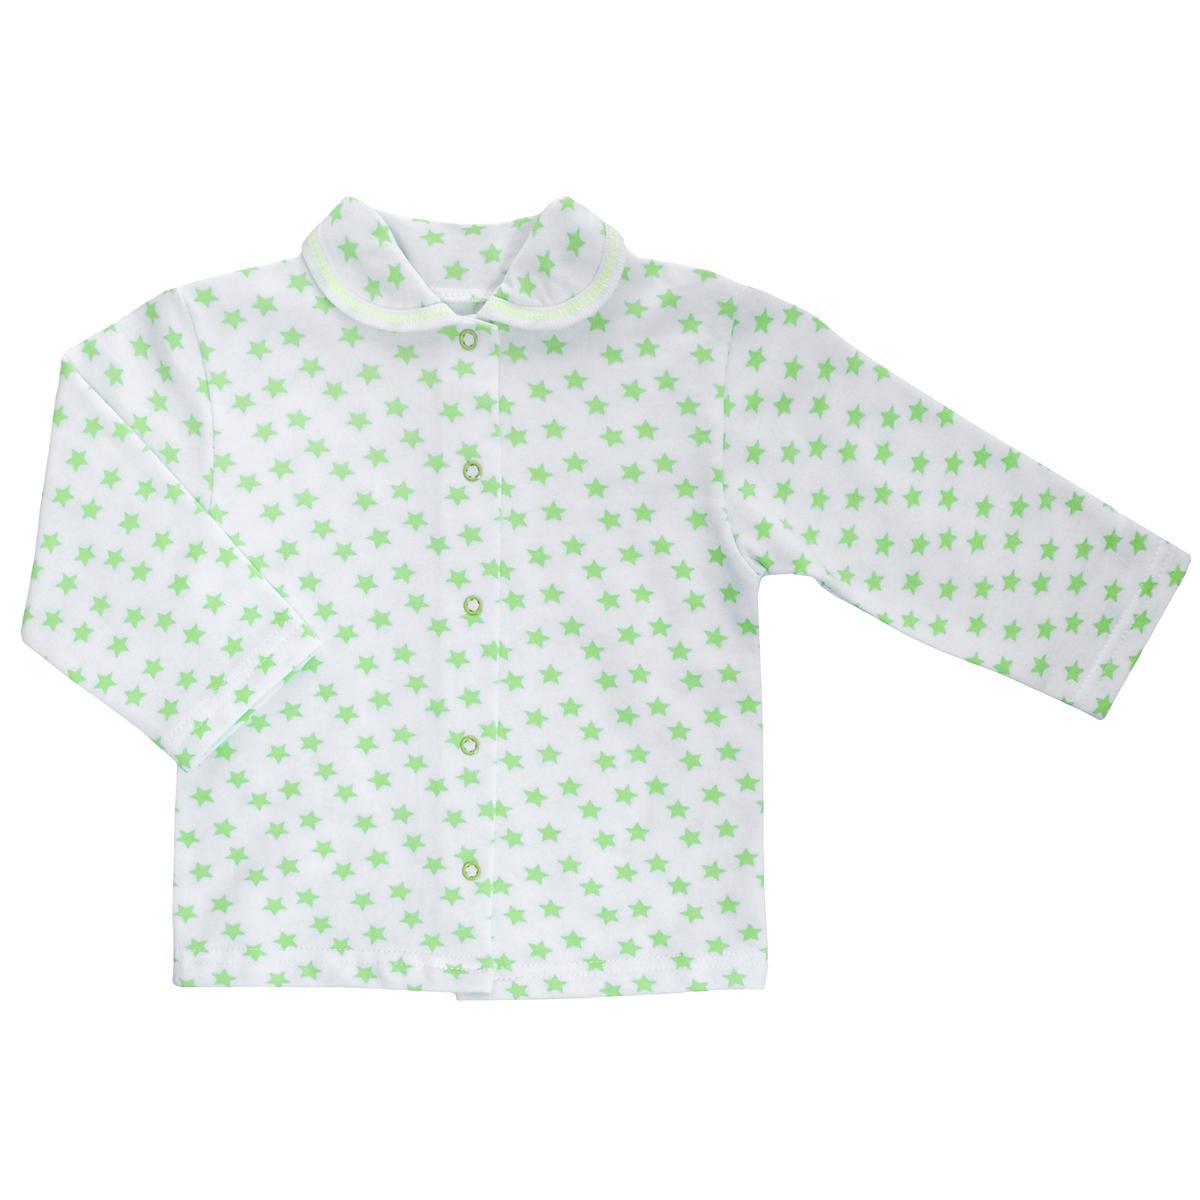 Кофточка детская Трон-Плюс, цвет: белый, салатовый, рисунок звезды. 5175. Размер 62, 3 месяца5175Кофточка для новорожденного Трон-плюс с длинными рукавами послужит идеальным дополнением к гардеробу вашего малыша, обеспечивая ему наибольший комфорт. Изготовленная из футерованного полотна - натурального хлопка, она необычайно мягкая и легкая, не раздражает нежную кожу ребенка и хорошо вентилируется, а эластичные швы приятны телу малыша и не препятствуют его движениям. Удобные застежки-кнопки по всей длине помогают легко переодеть младенца. Модель дополнена отложным воротником.Кофточка полностью соответствует особенностям жизни ребенка в ранний период, не стесняя и не ограничивая его в движениях.